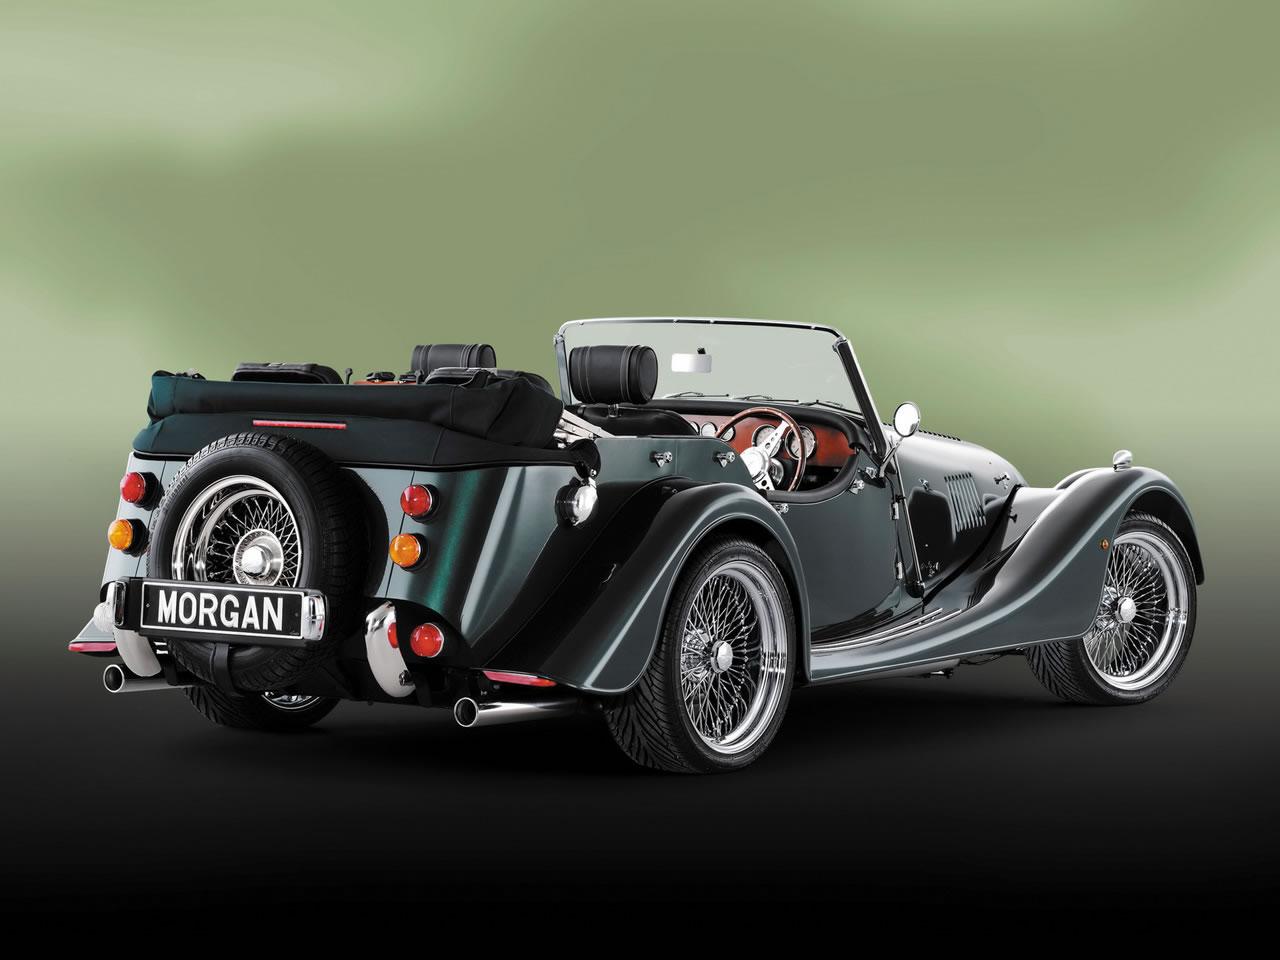 morgan roadster 3 0 v6 review speedicarsz. Black Bedroom Furniture Sets. Home Design Ideas